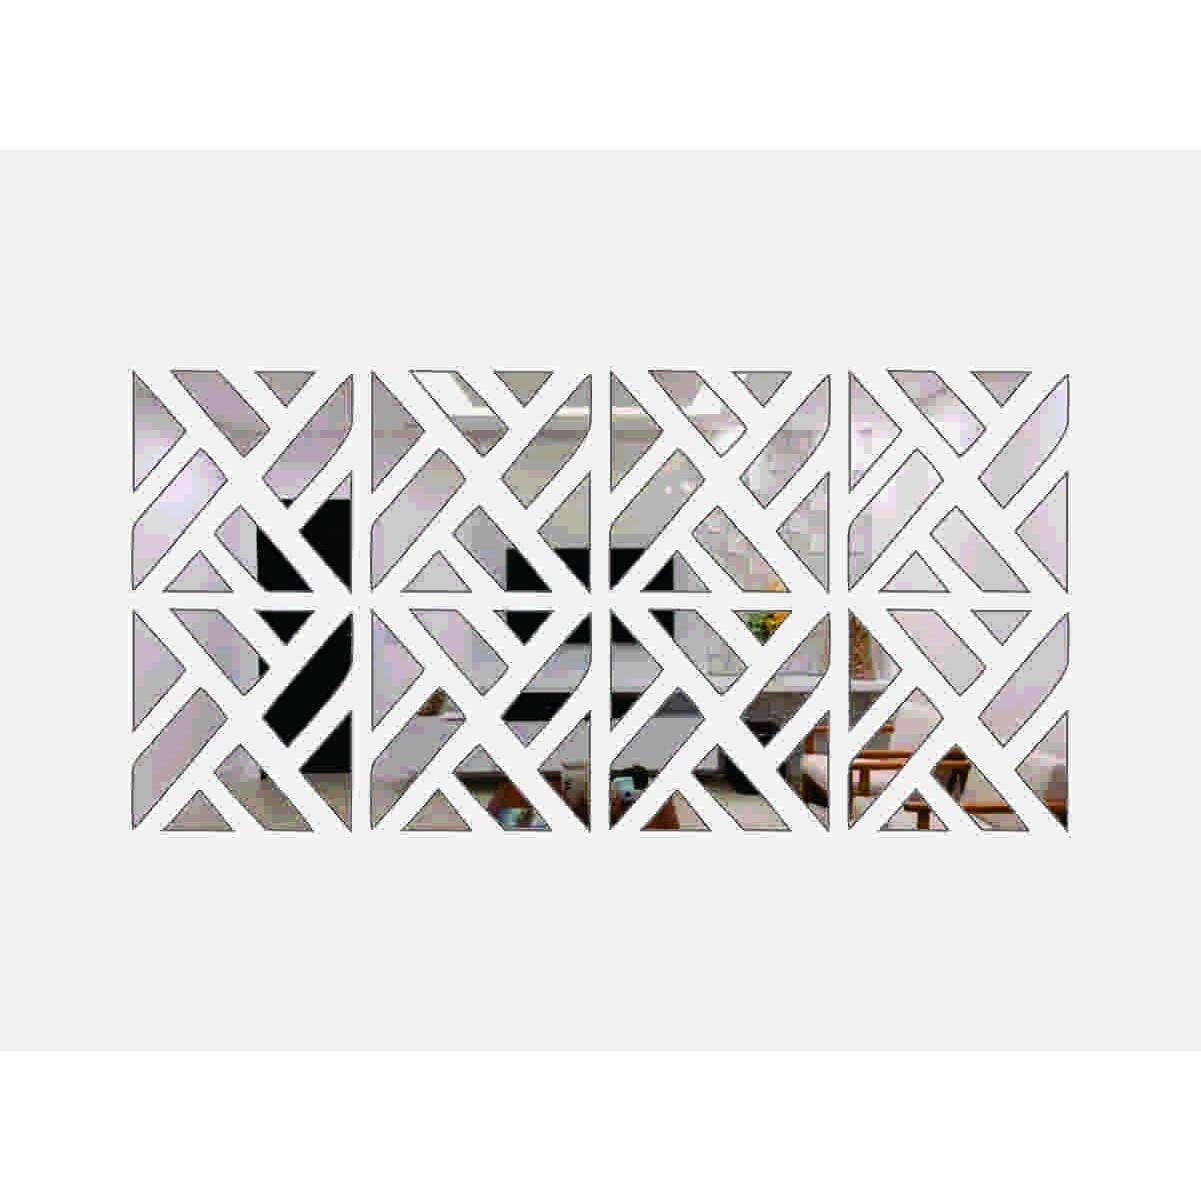 Espelho Decorativo Mosaico Quadrados Repartidos 100x50cm